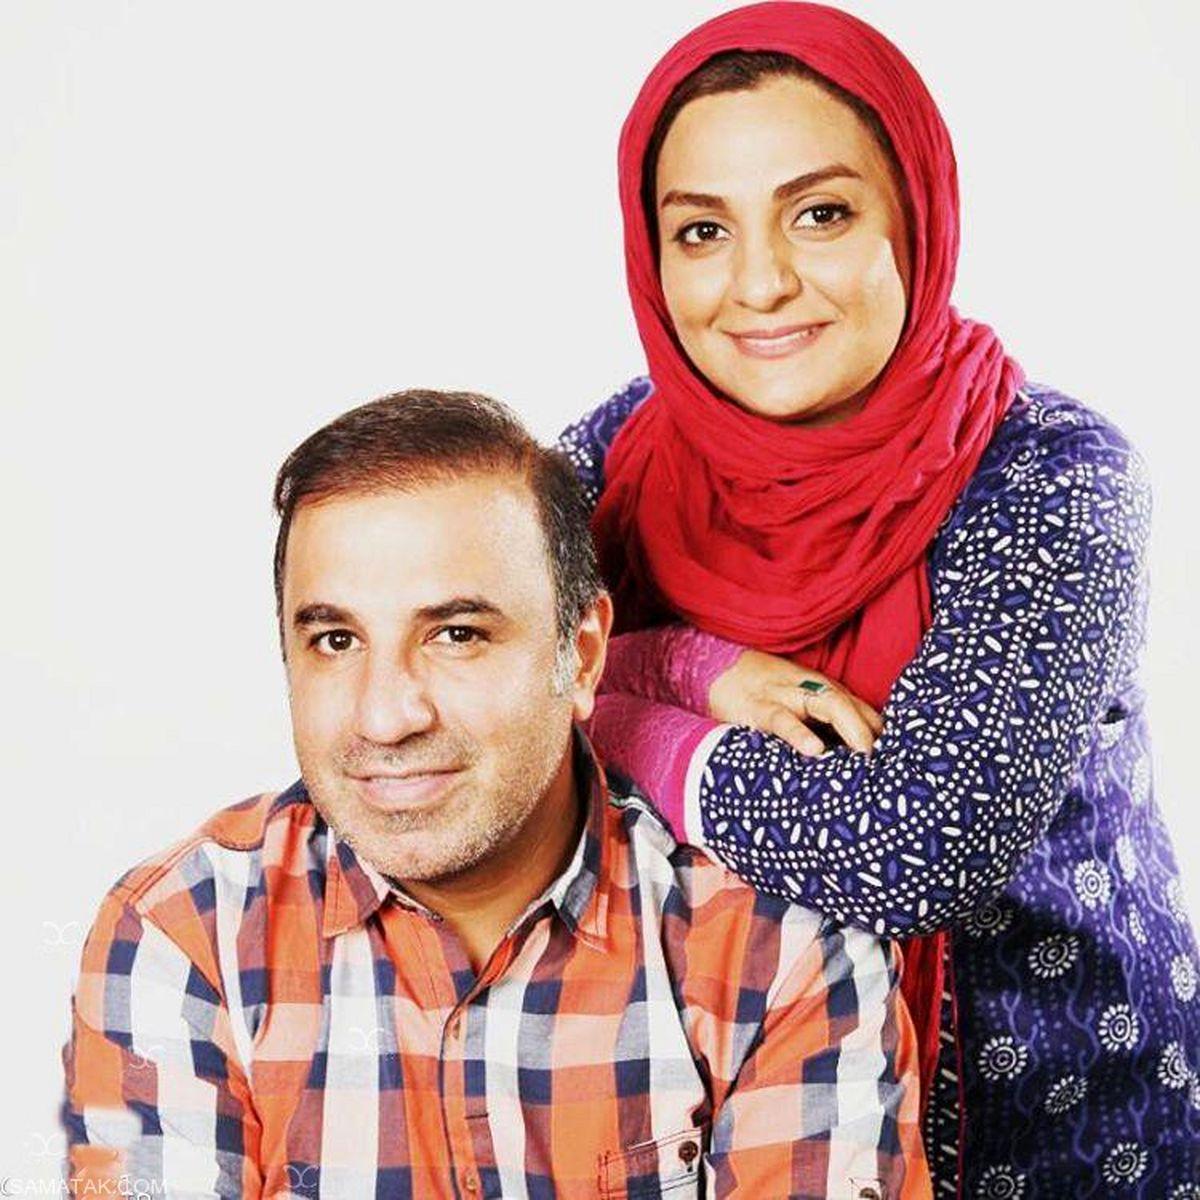 بیوگرافی علی سلیمانی با همسر و دخترش + عکس